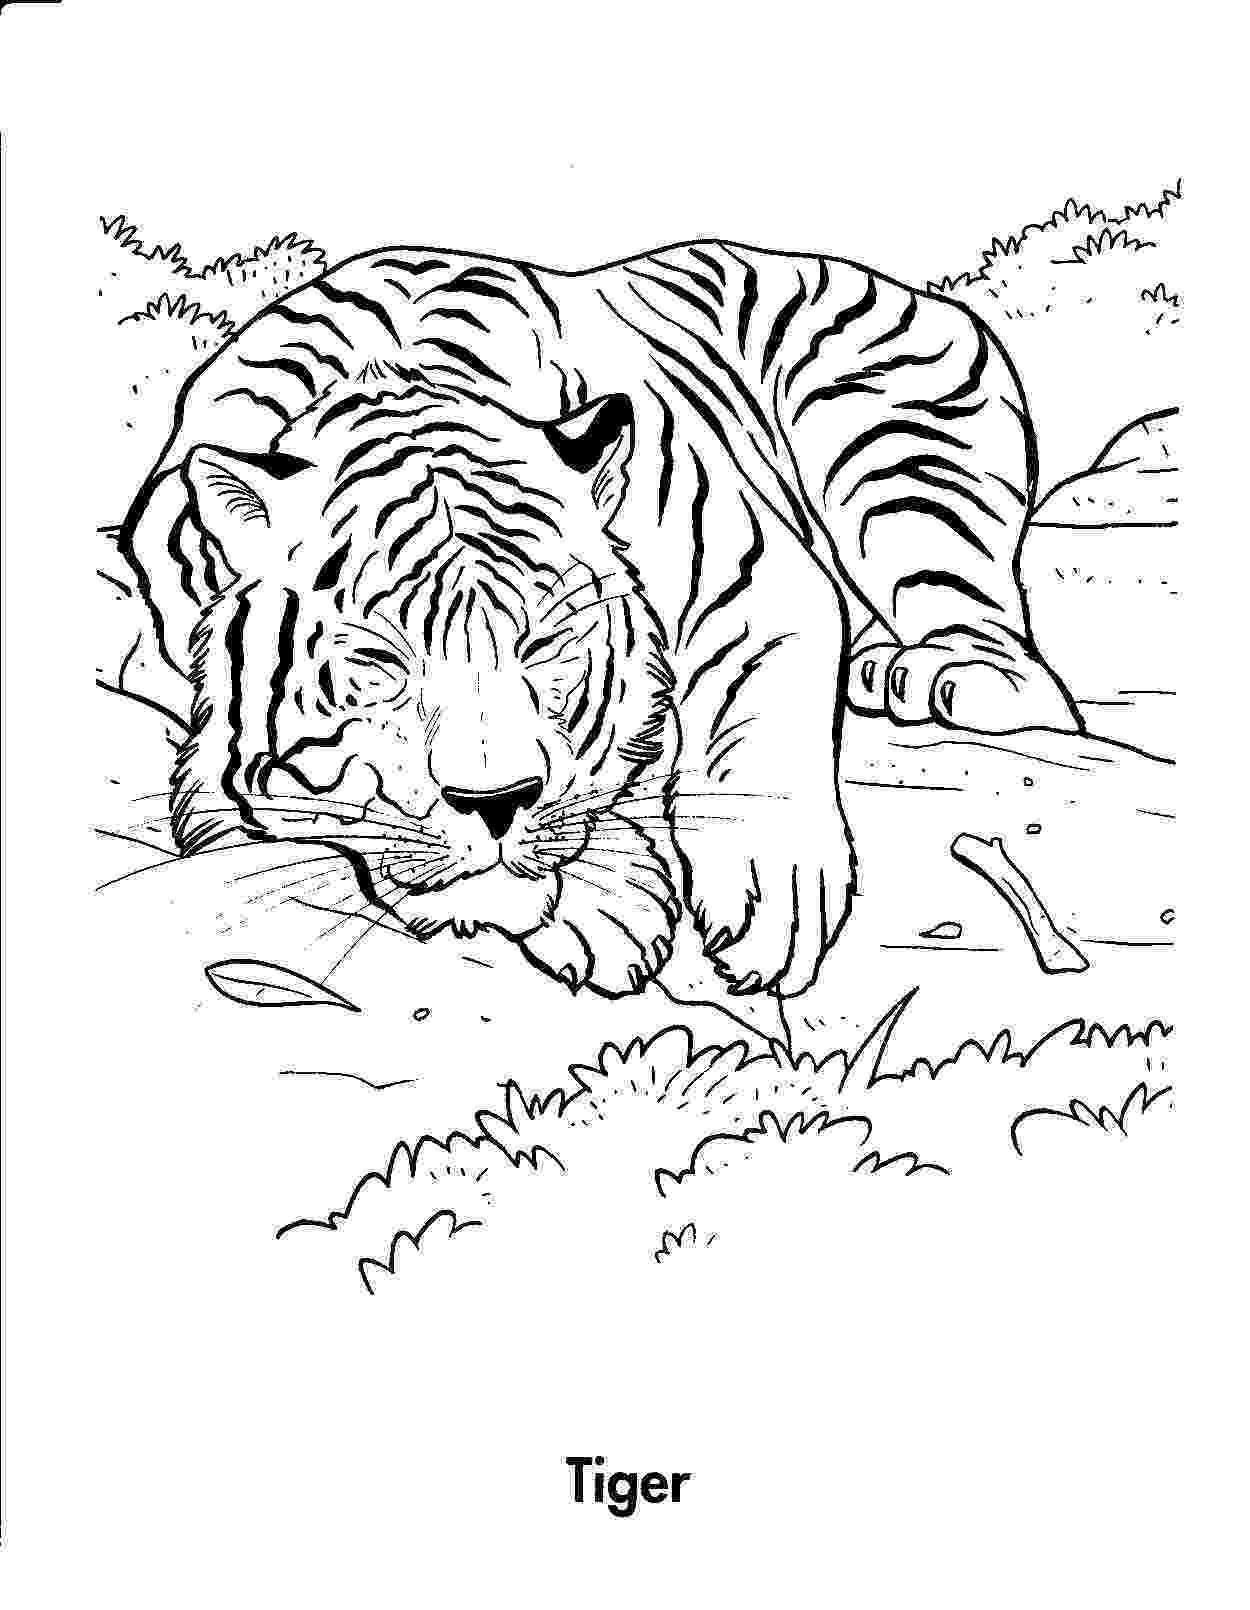 tiger printable baby tiger cub coloring page h m coloring pages printable tiger